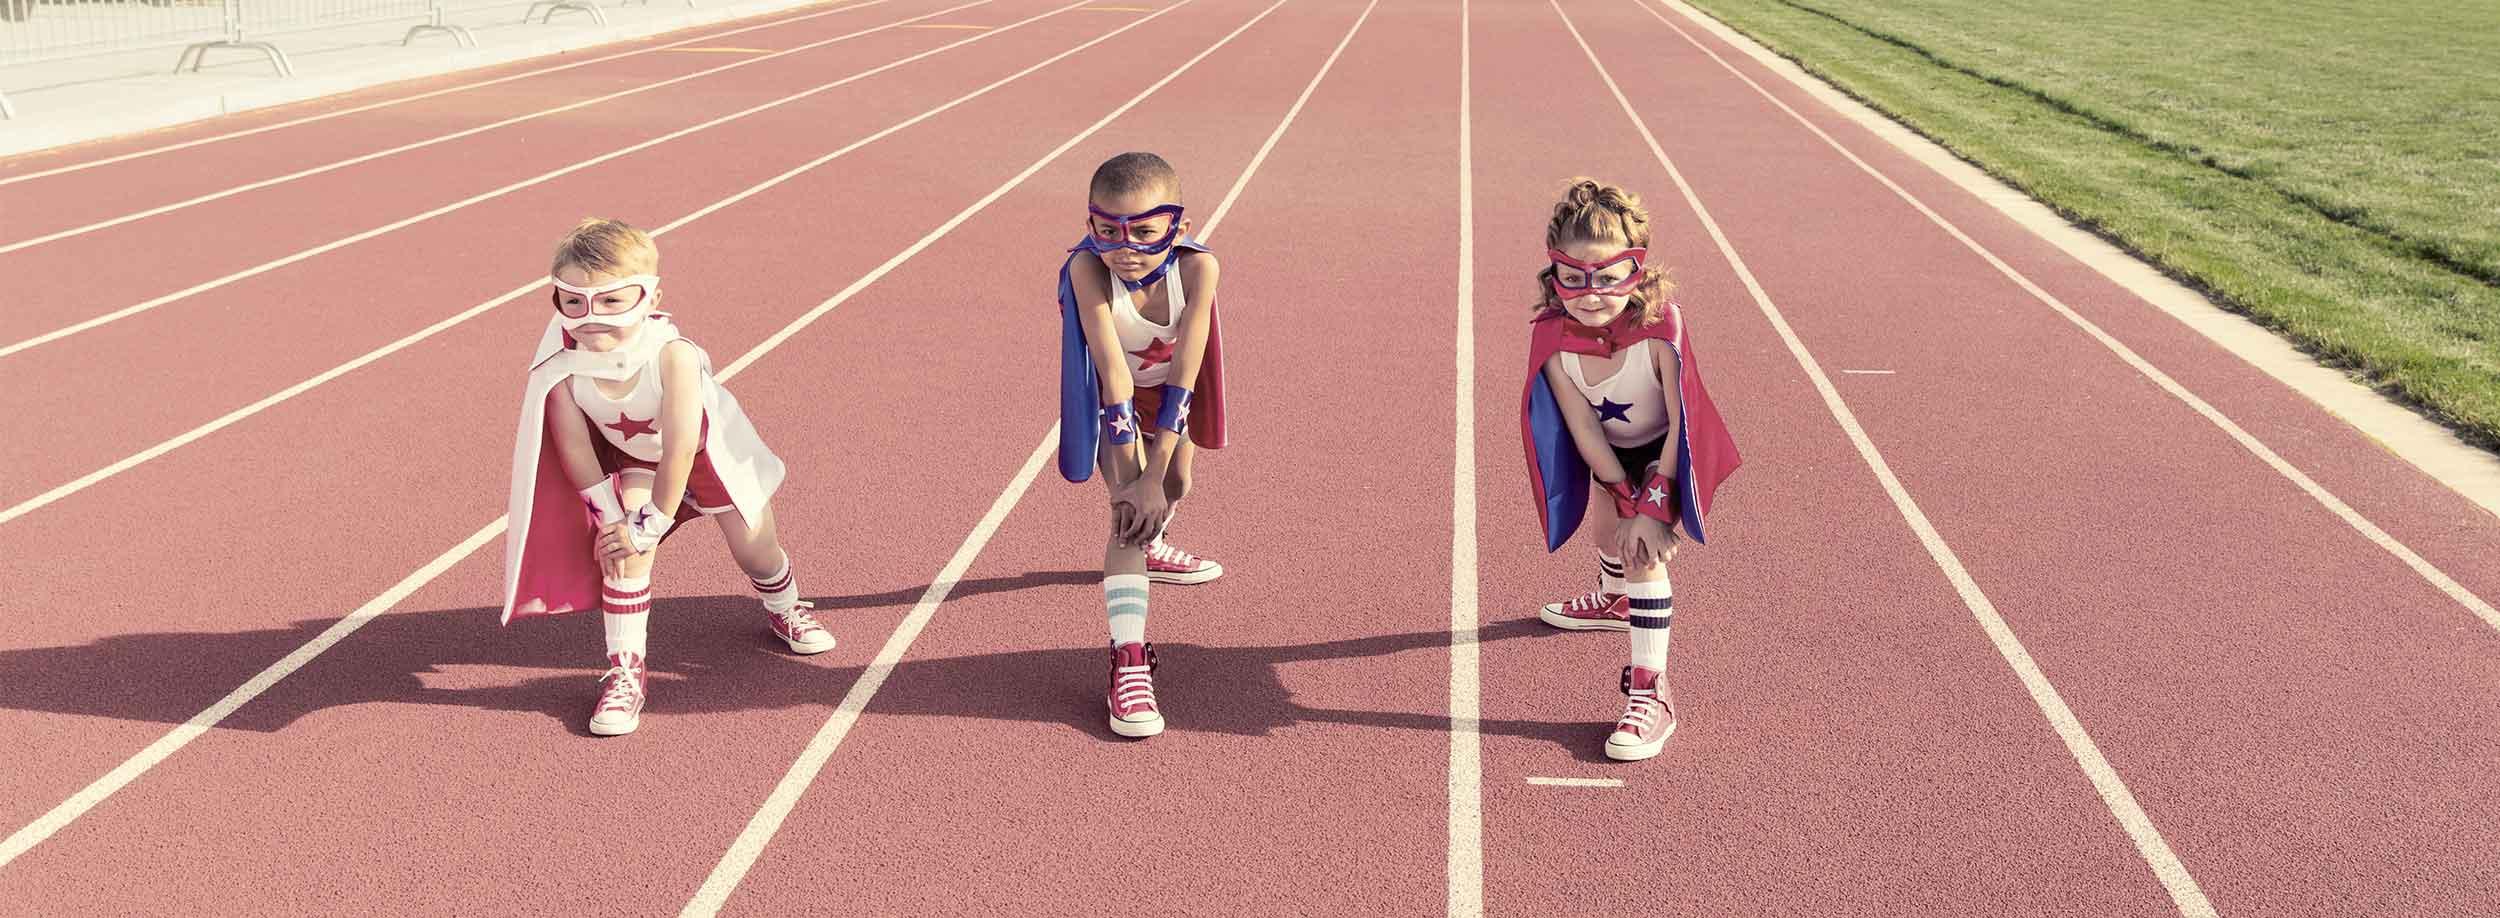 Organisationsberatung und Change Management mit Superheroes